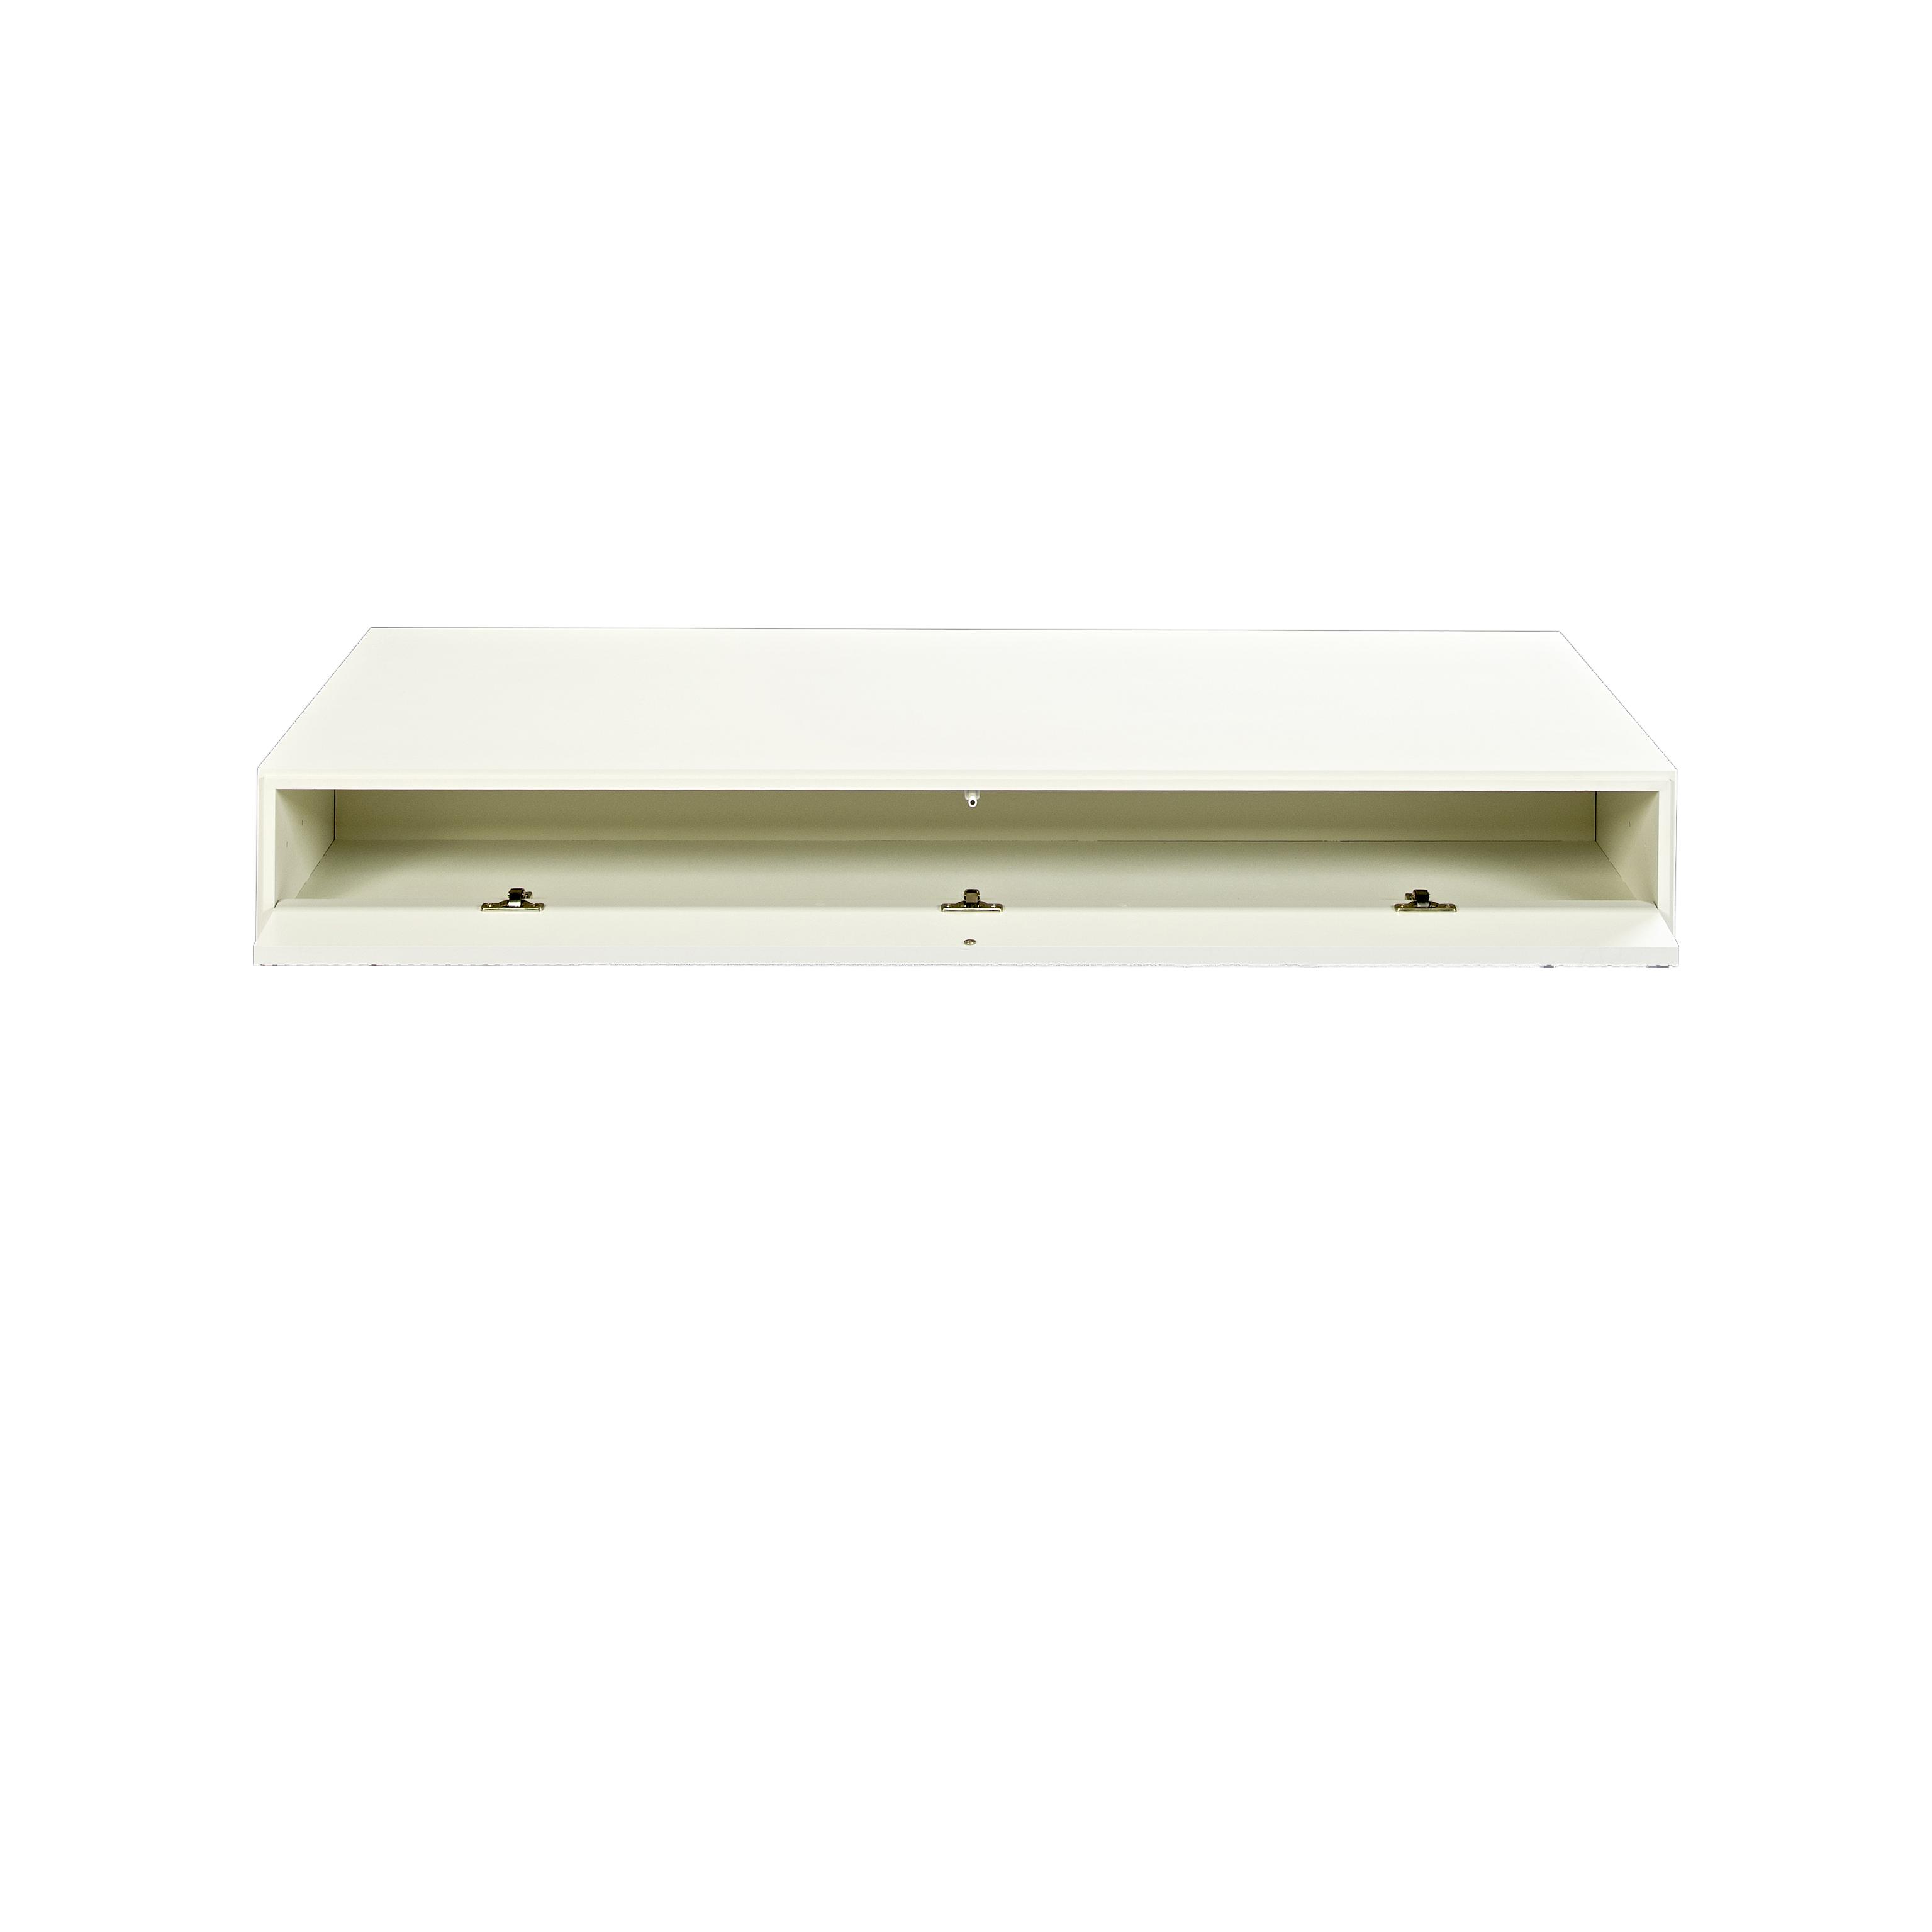 Line Soffbord rektangulärt White med öppen lucka - englesson.se